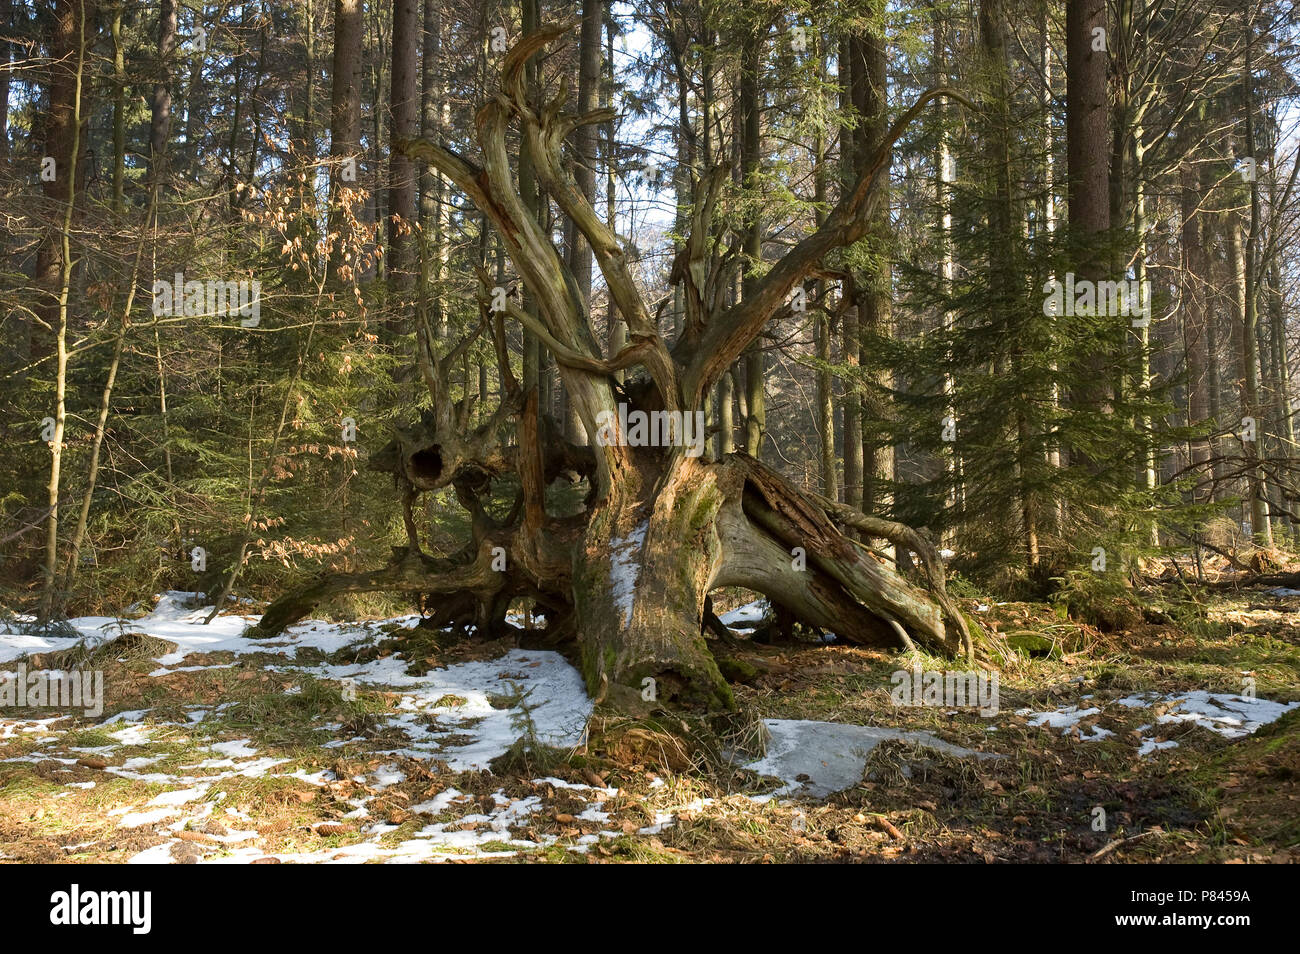 Bayerische Wald, in de winter; Bayerische Wald, in winter - Stock Image